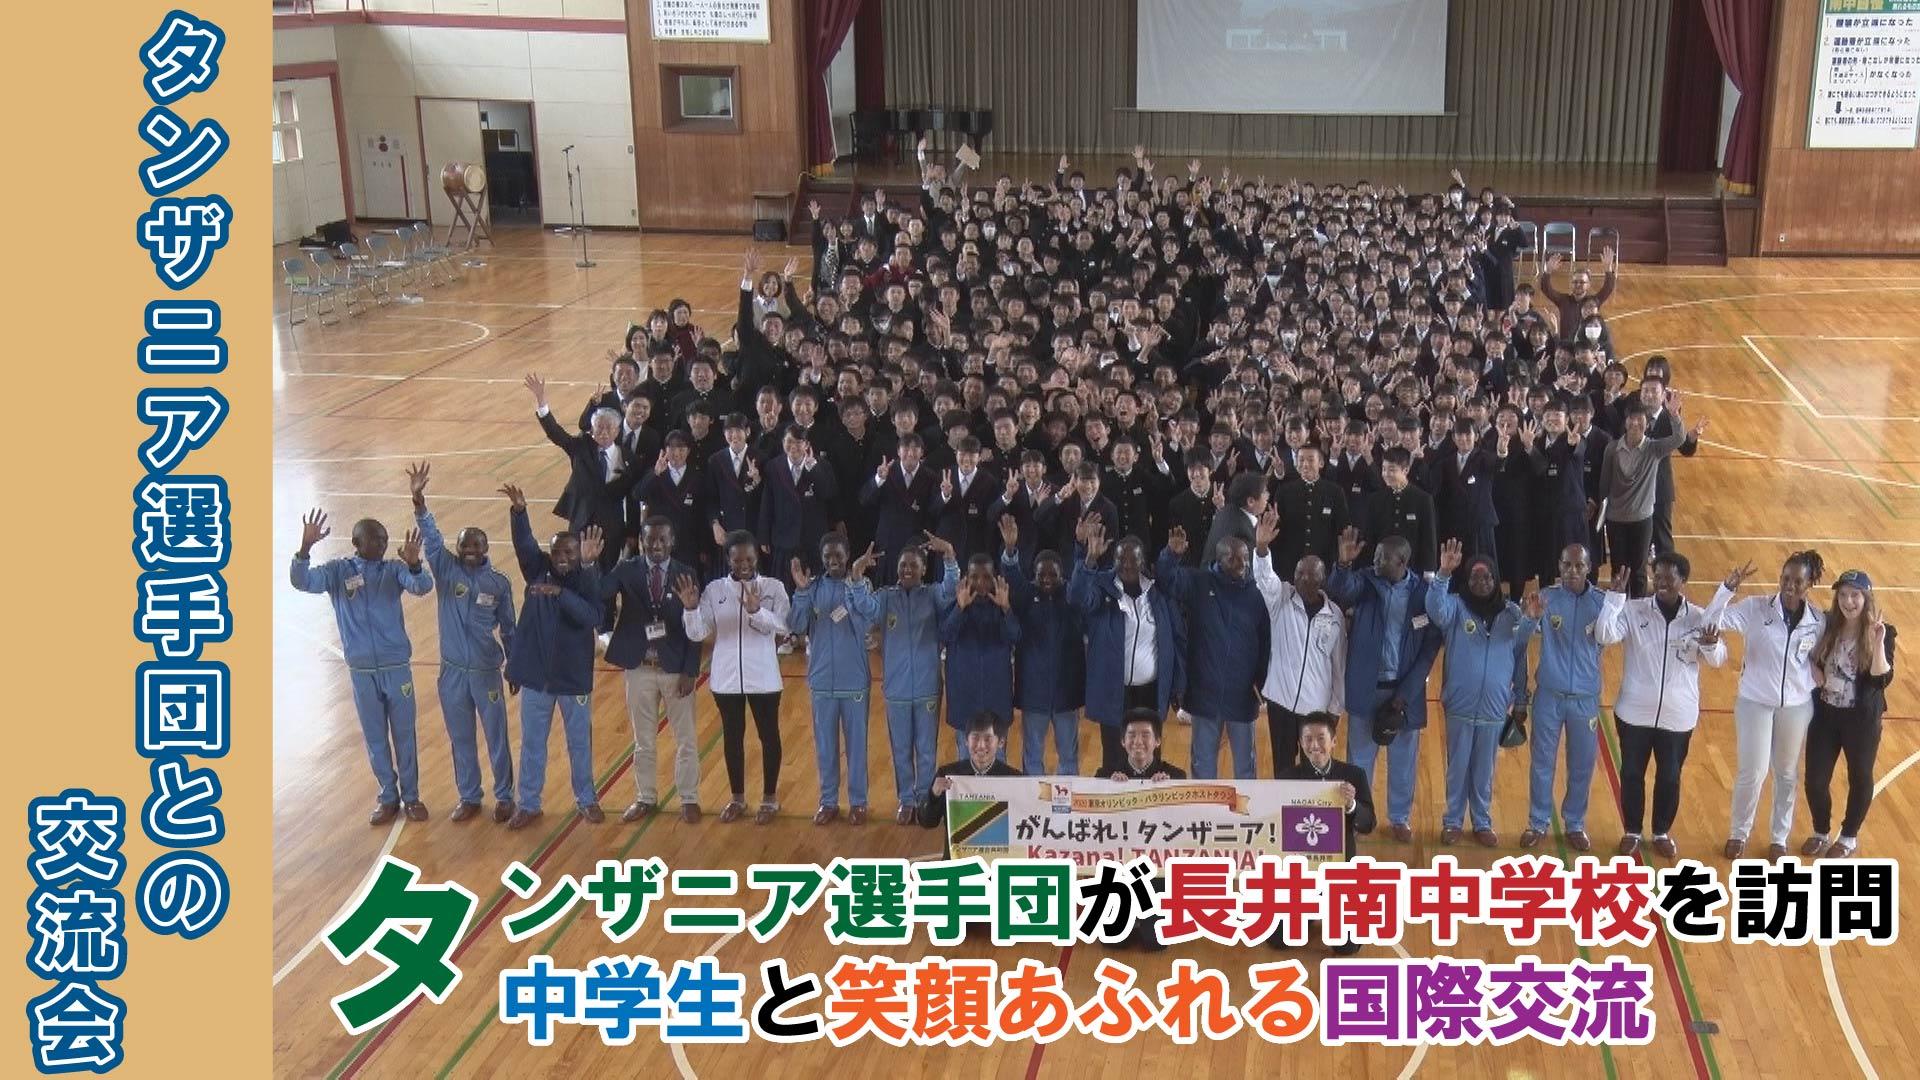 【長井市】タンザニア選手団 長井南中学校訪問(令和元年10月21日) :画像